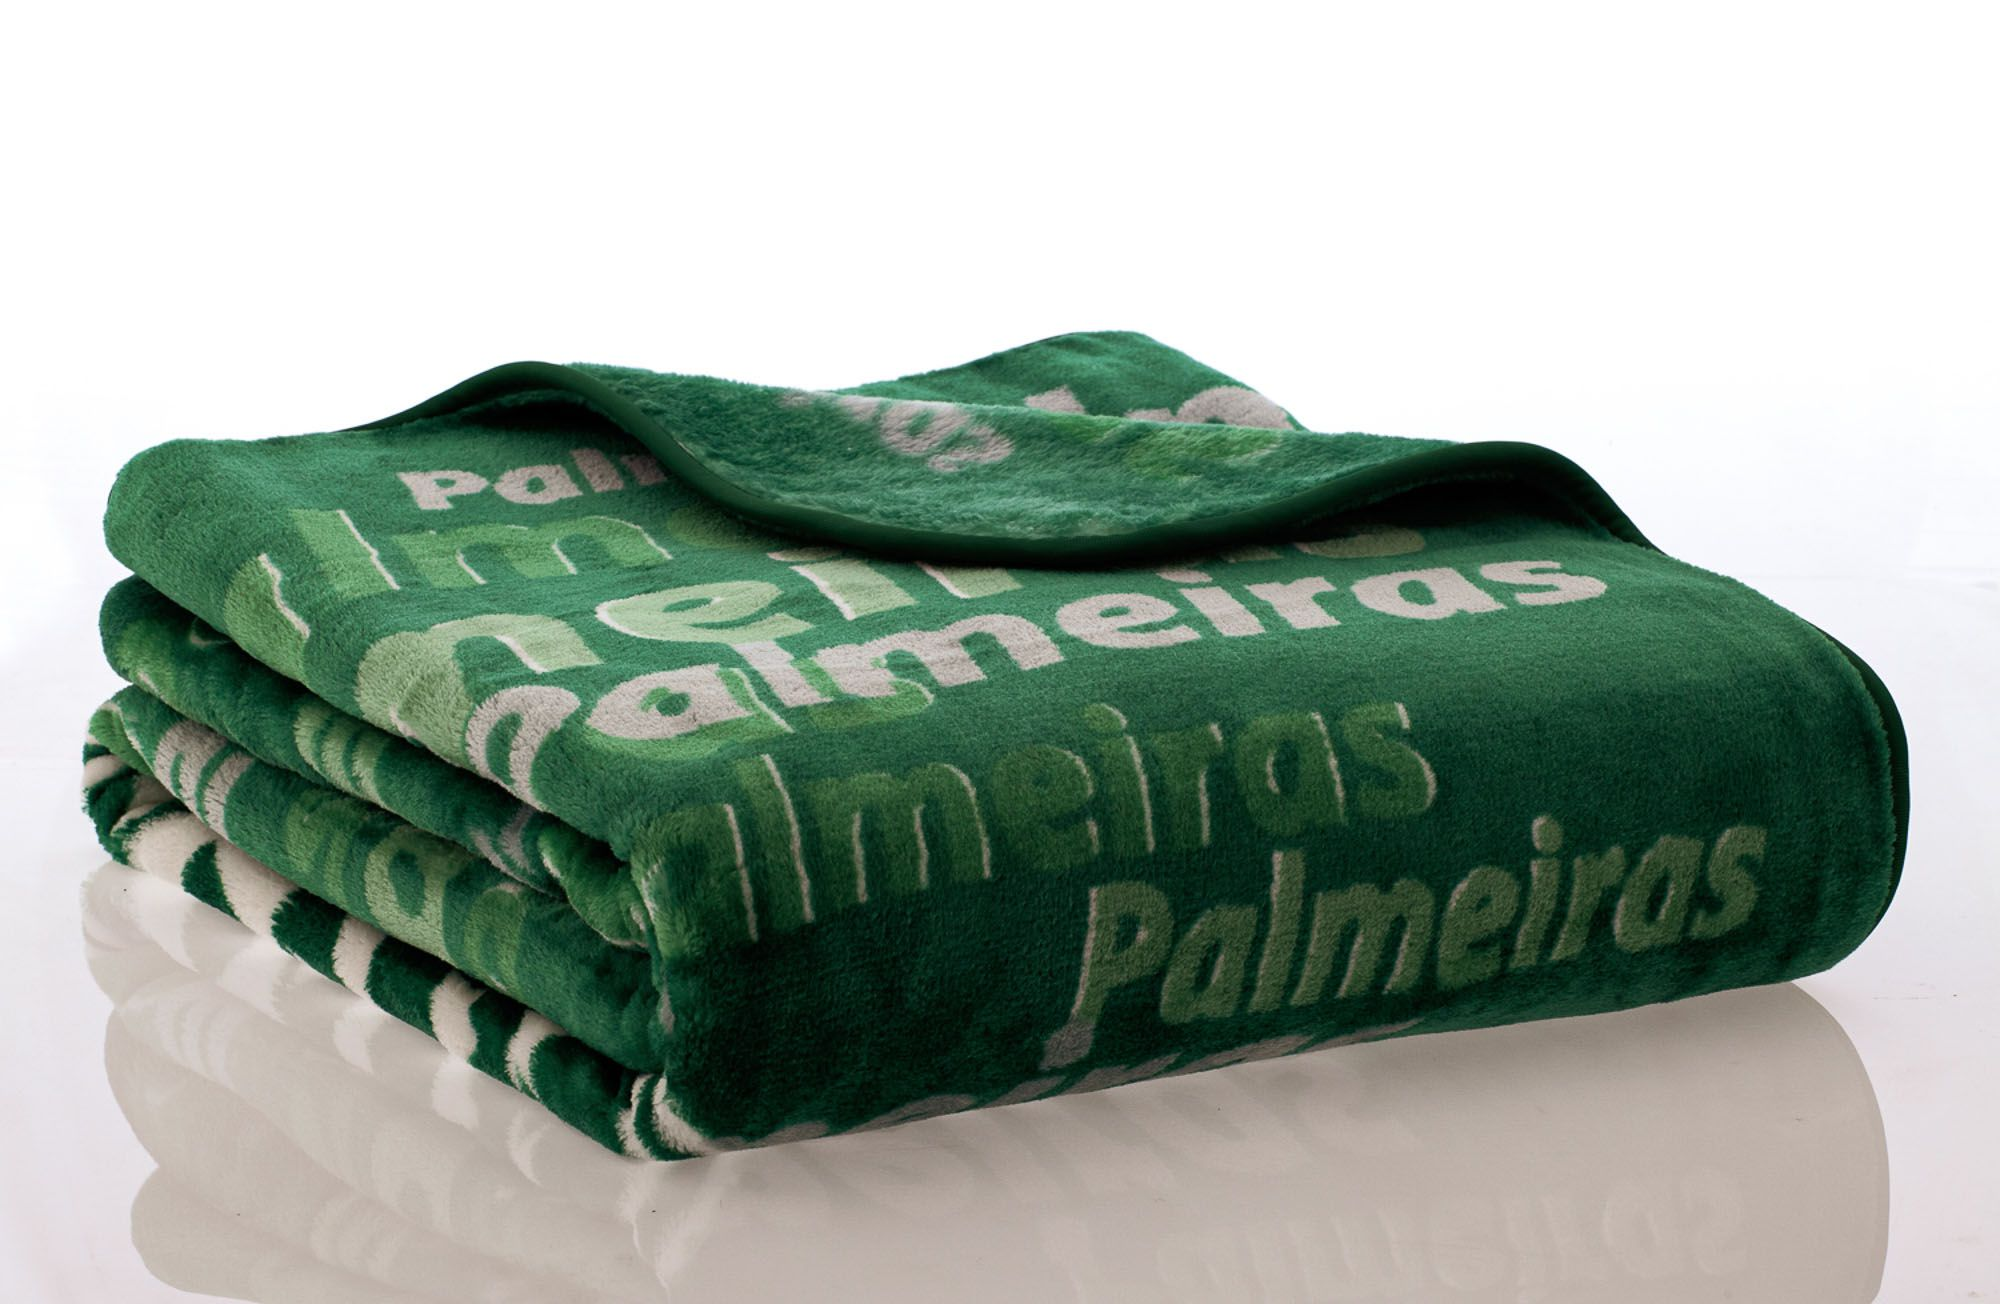 Cobertor Jolitex Palmeiras Solteiro 1,50x2,20m Raschel